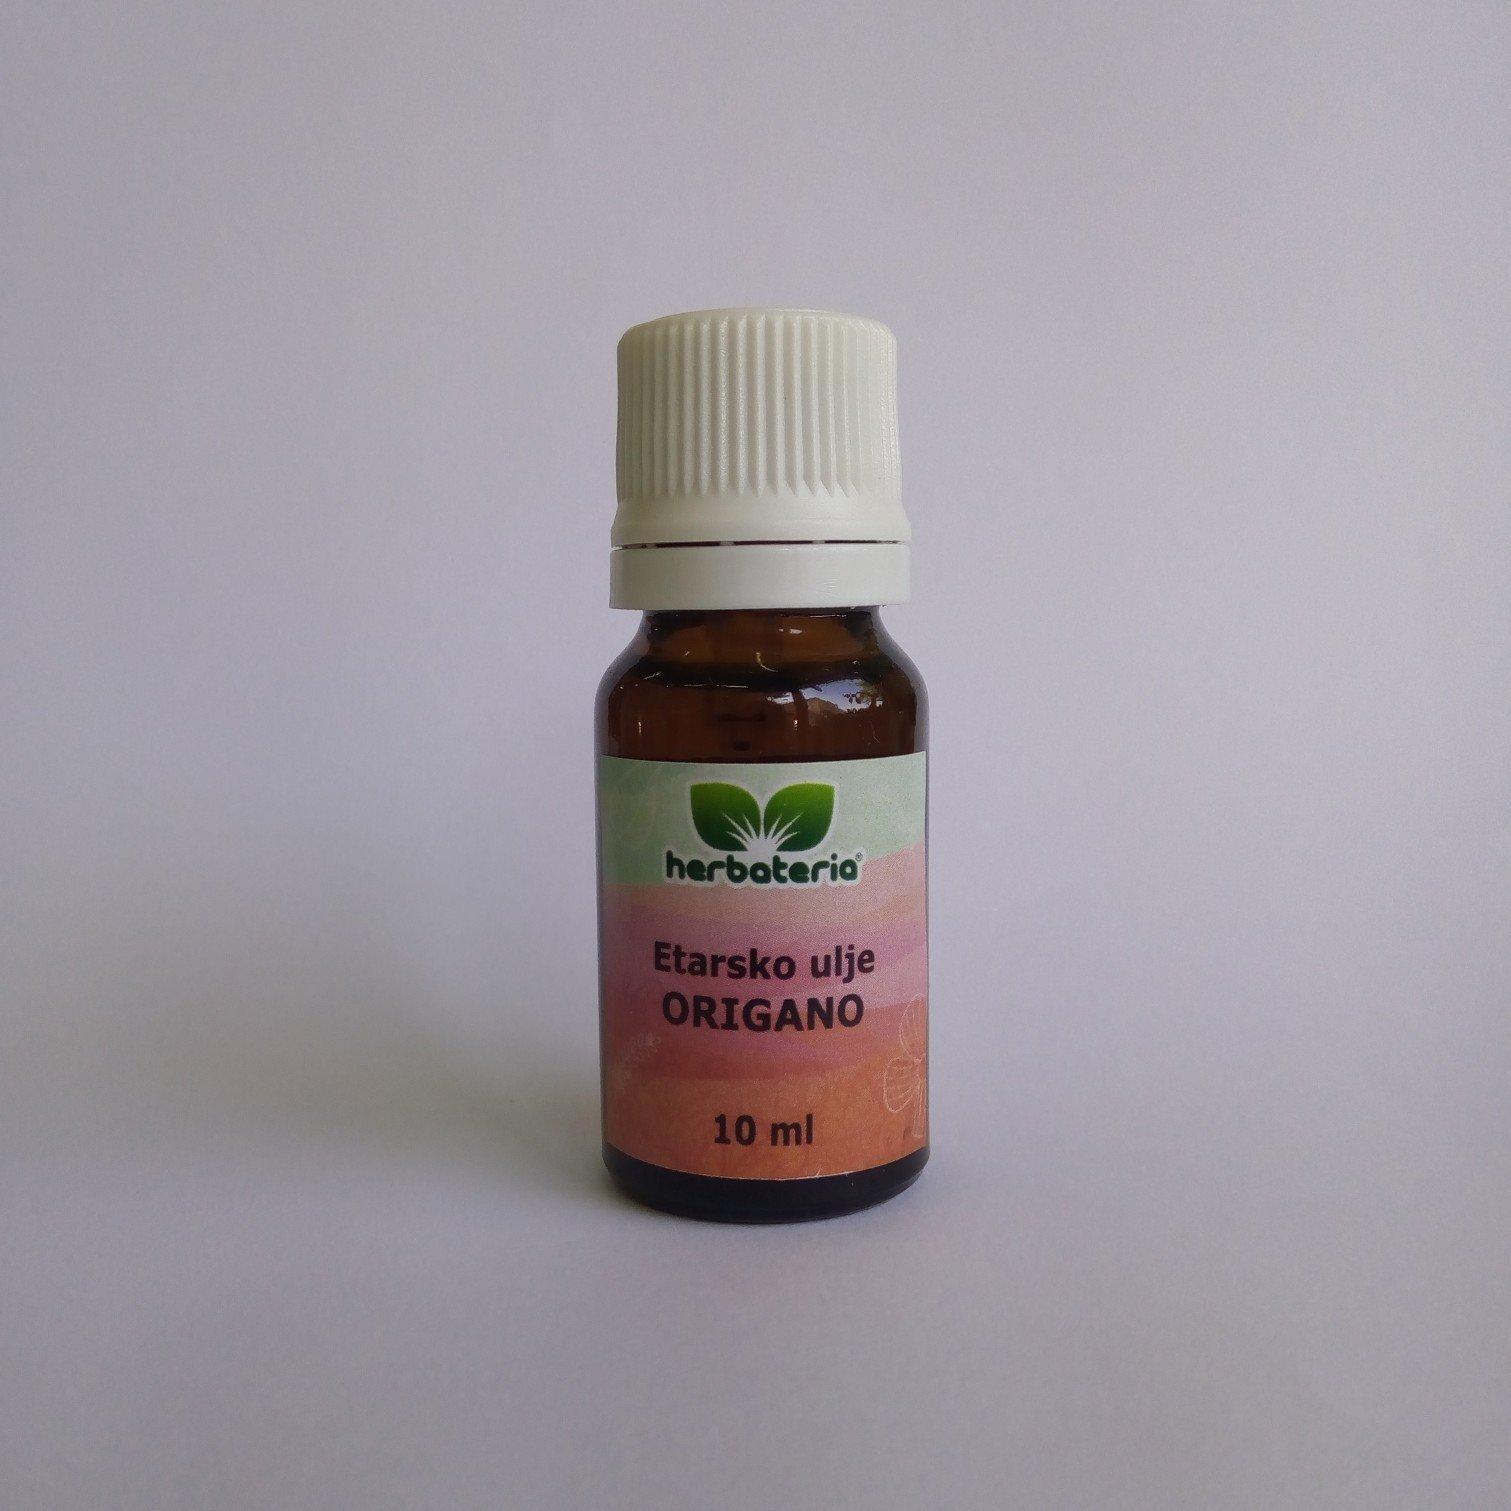 Herbateria - etarsko ulje origano 10 ml 00416